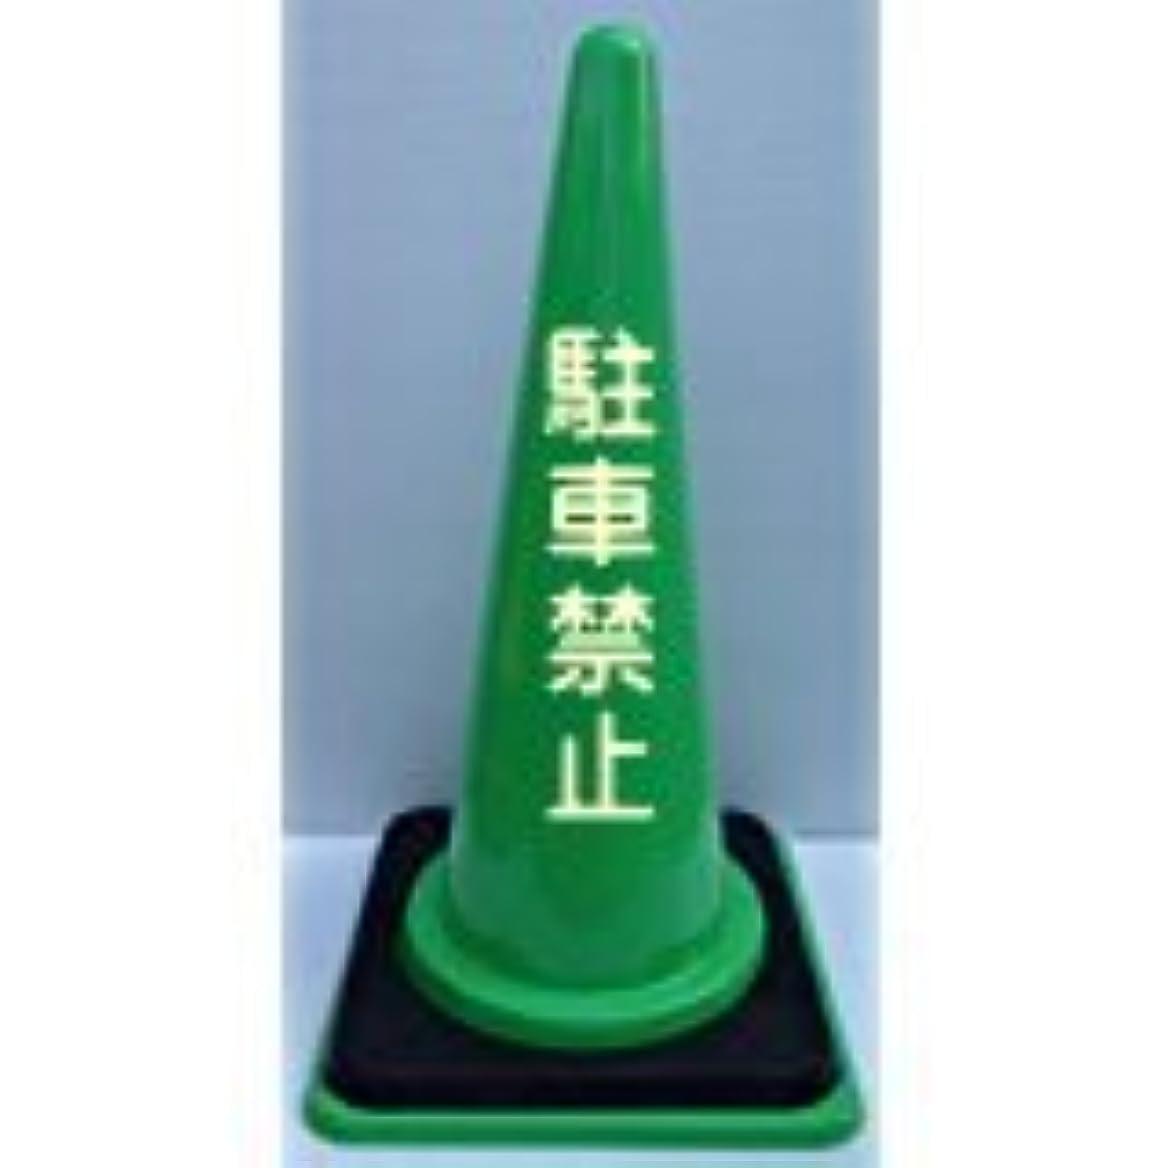 販売員伝えるレビュー駐車禁止 フレックスコーン コーンベット付 8本セット (緑)